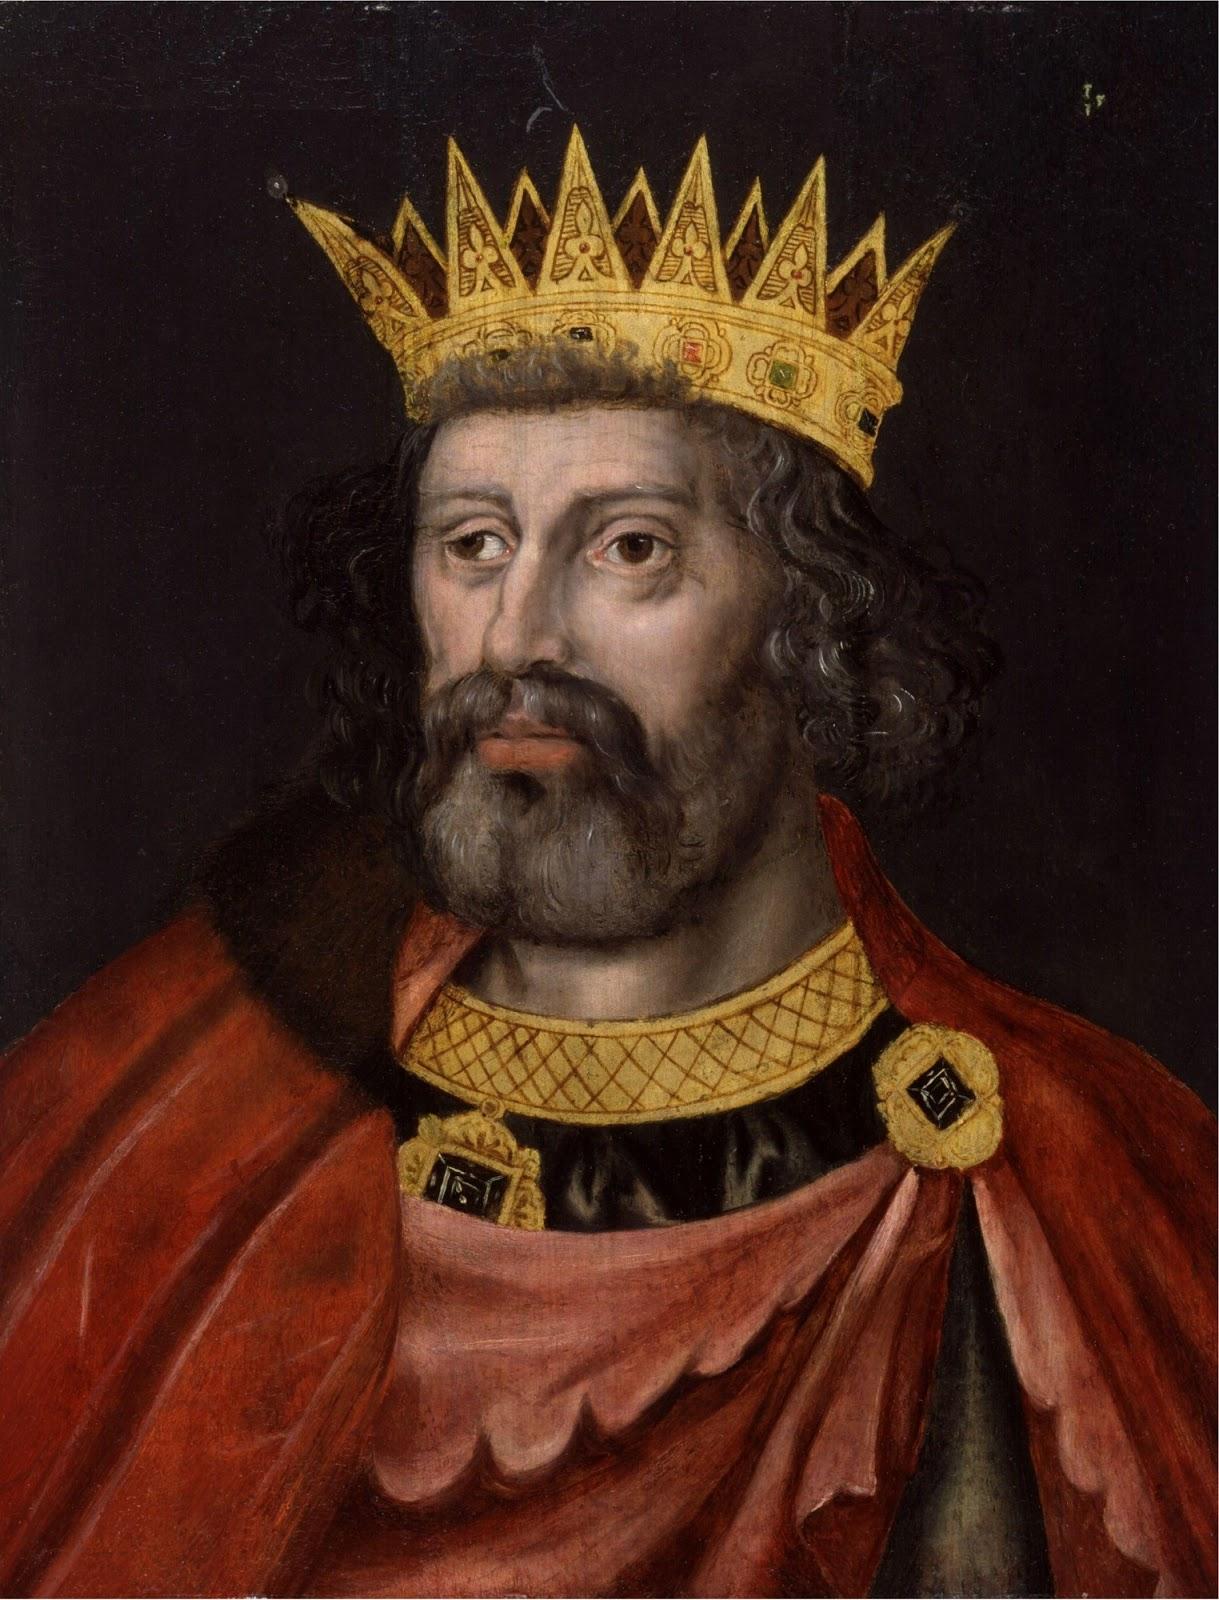 Resultado de imagen para Fotos de Enrique II, emperador del Sacro Imperio Romano Germánico